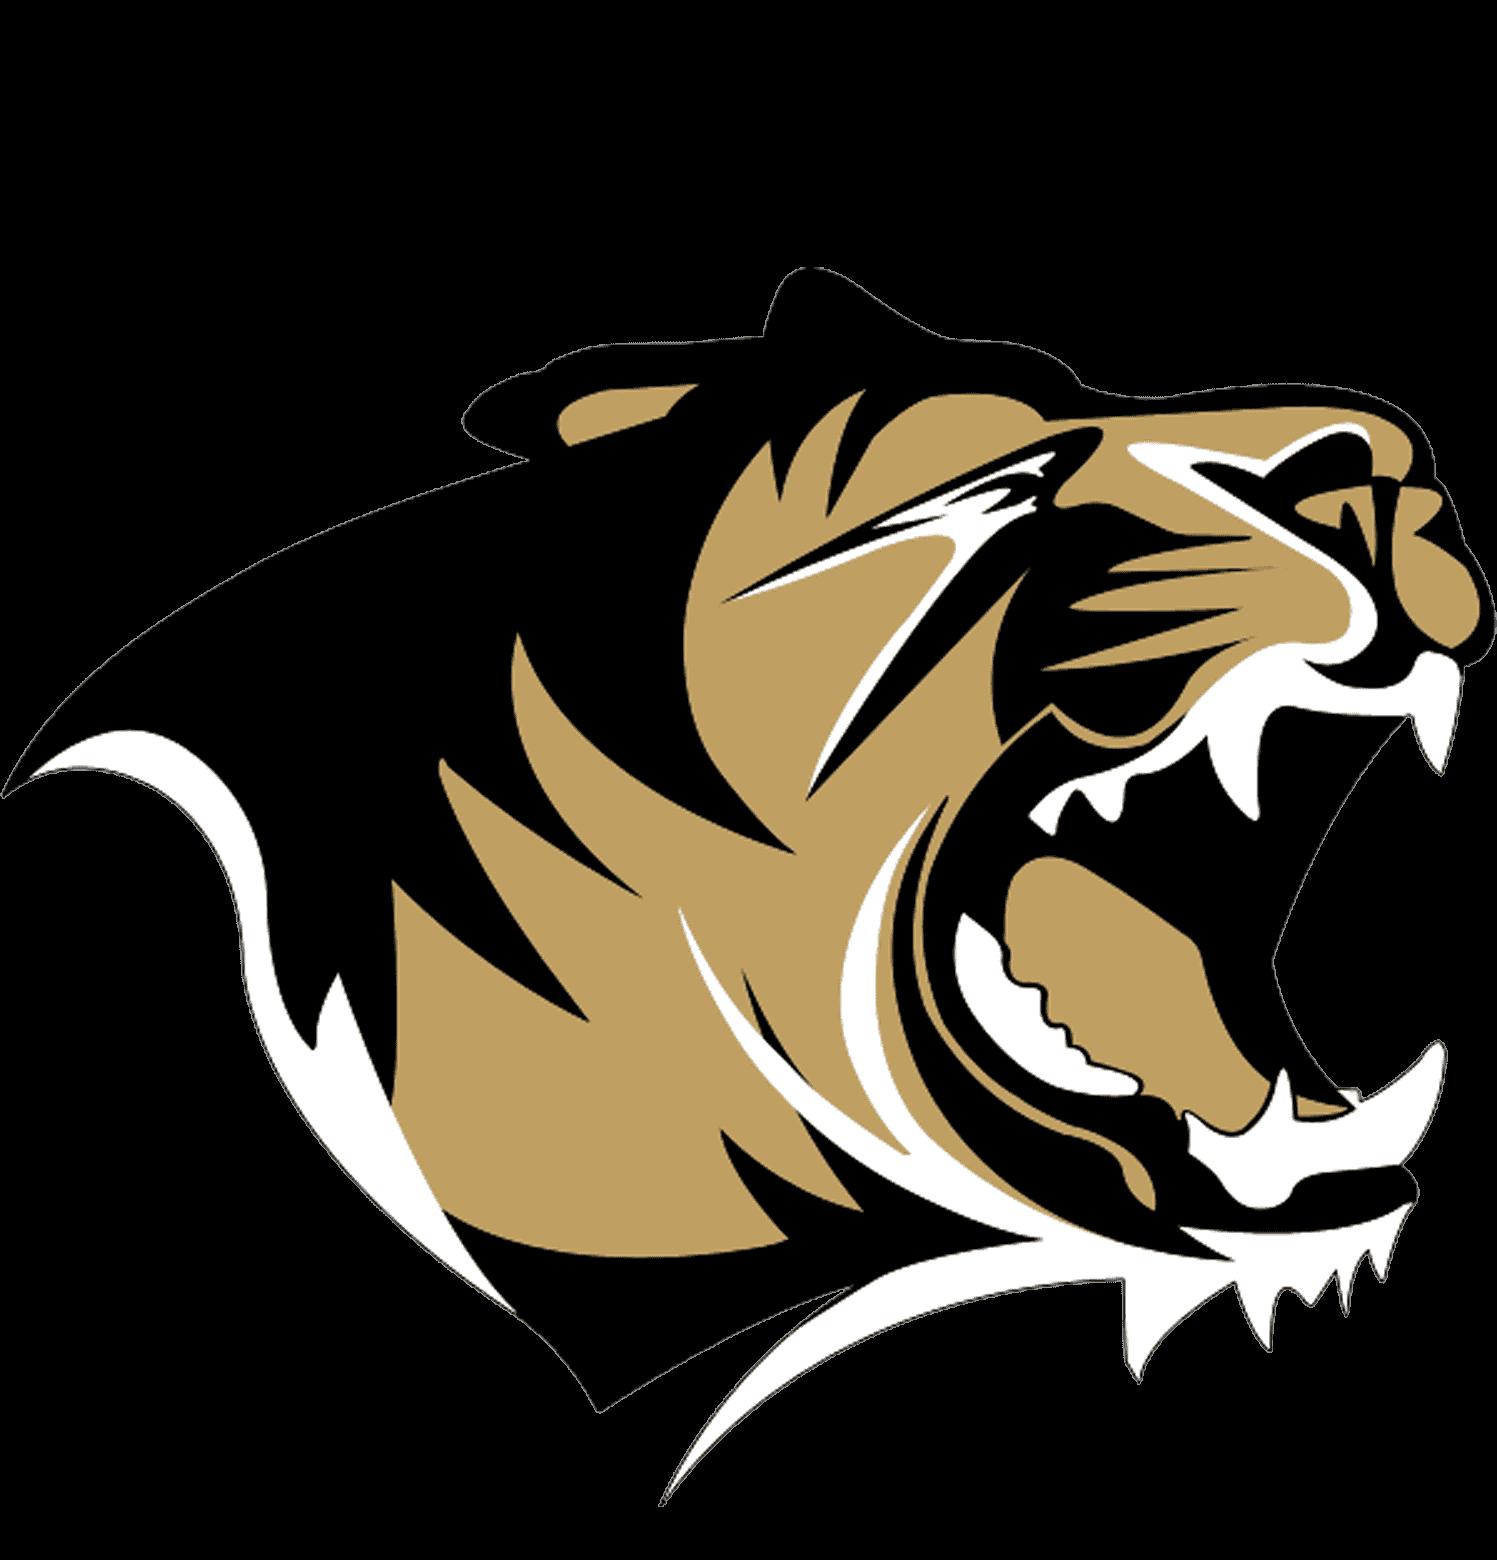 Tiger busting out of basketball clipart svg transparent download Sponsors | Bentonville Basketball Club svg transparent download